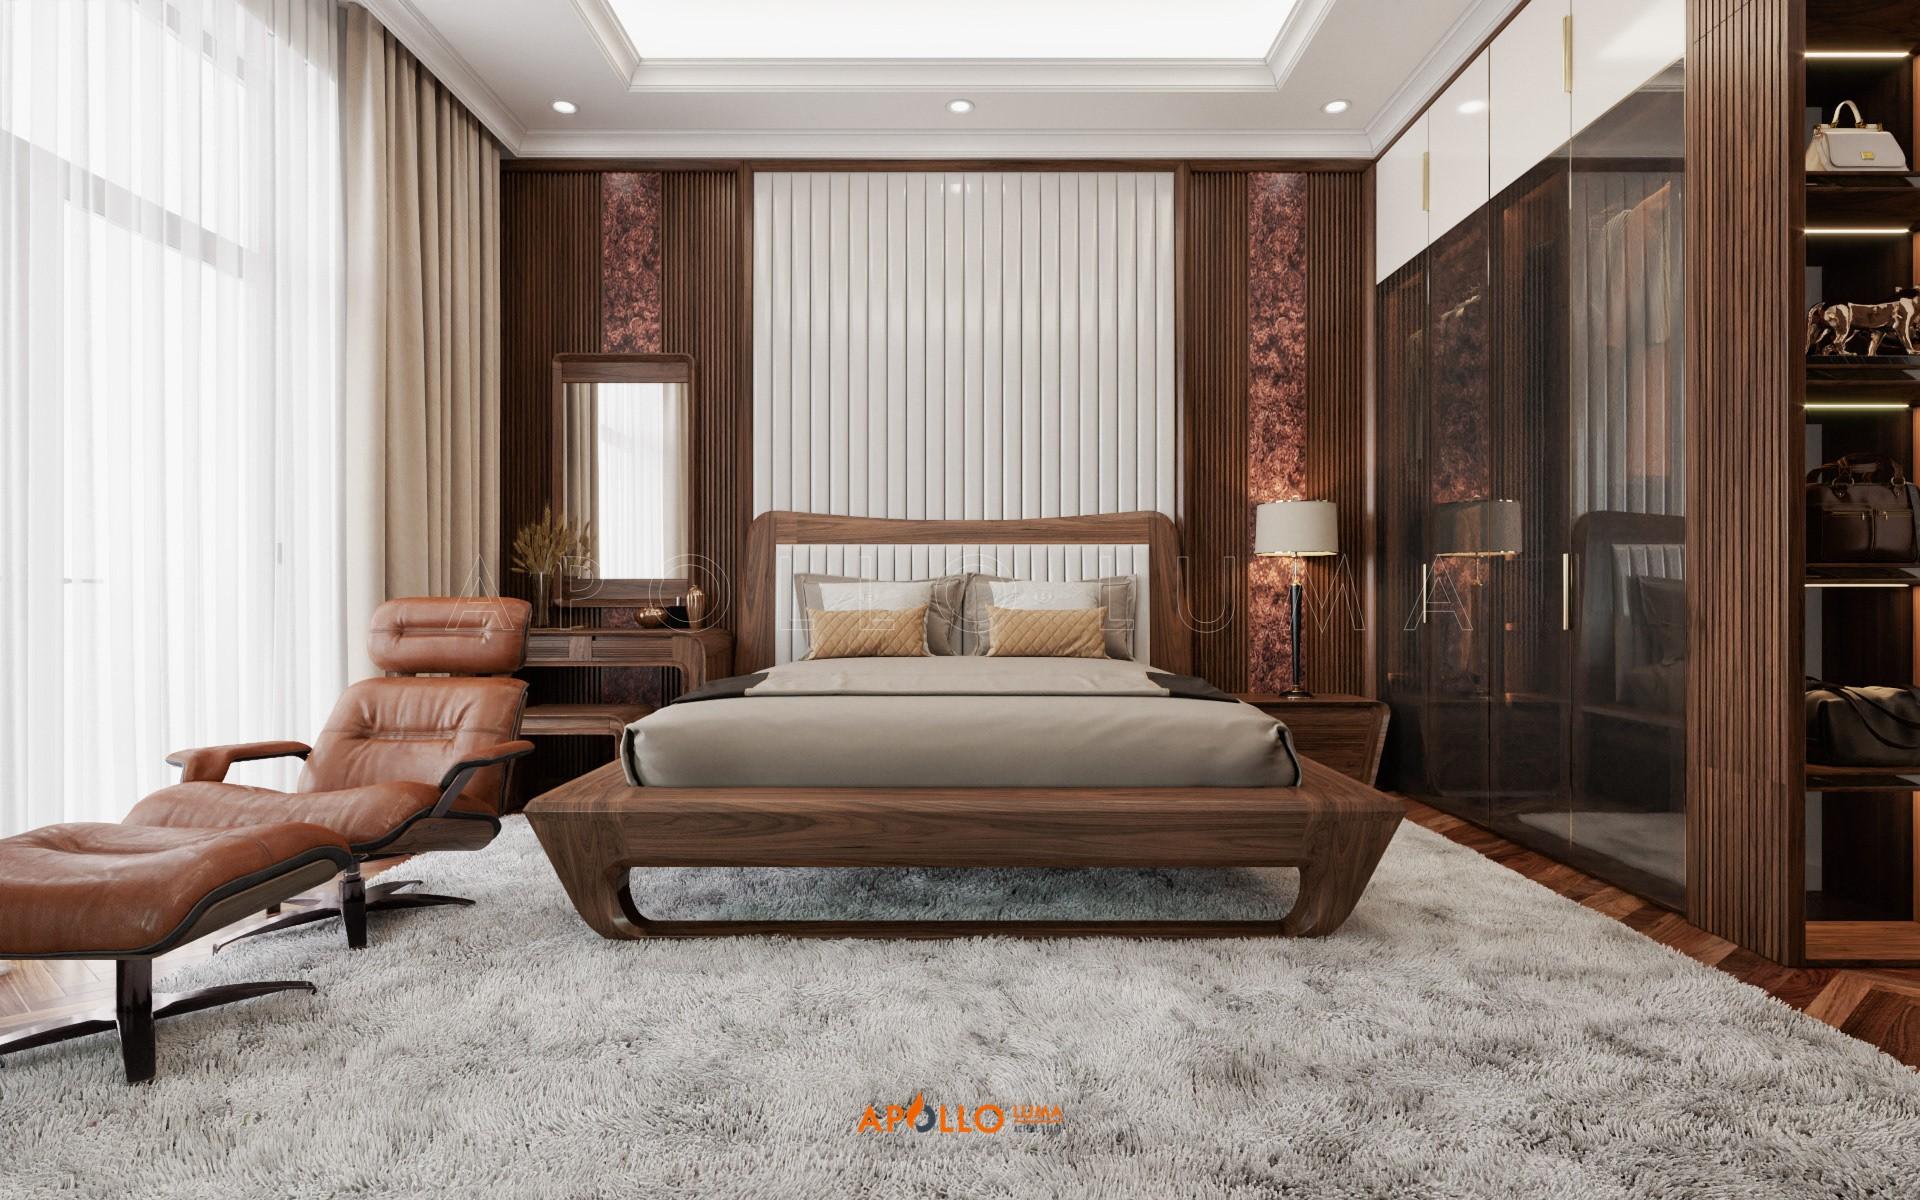 Giường ngủ gỗ Tần bì đẹp - Apollo TB02